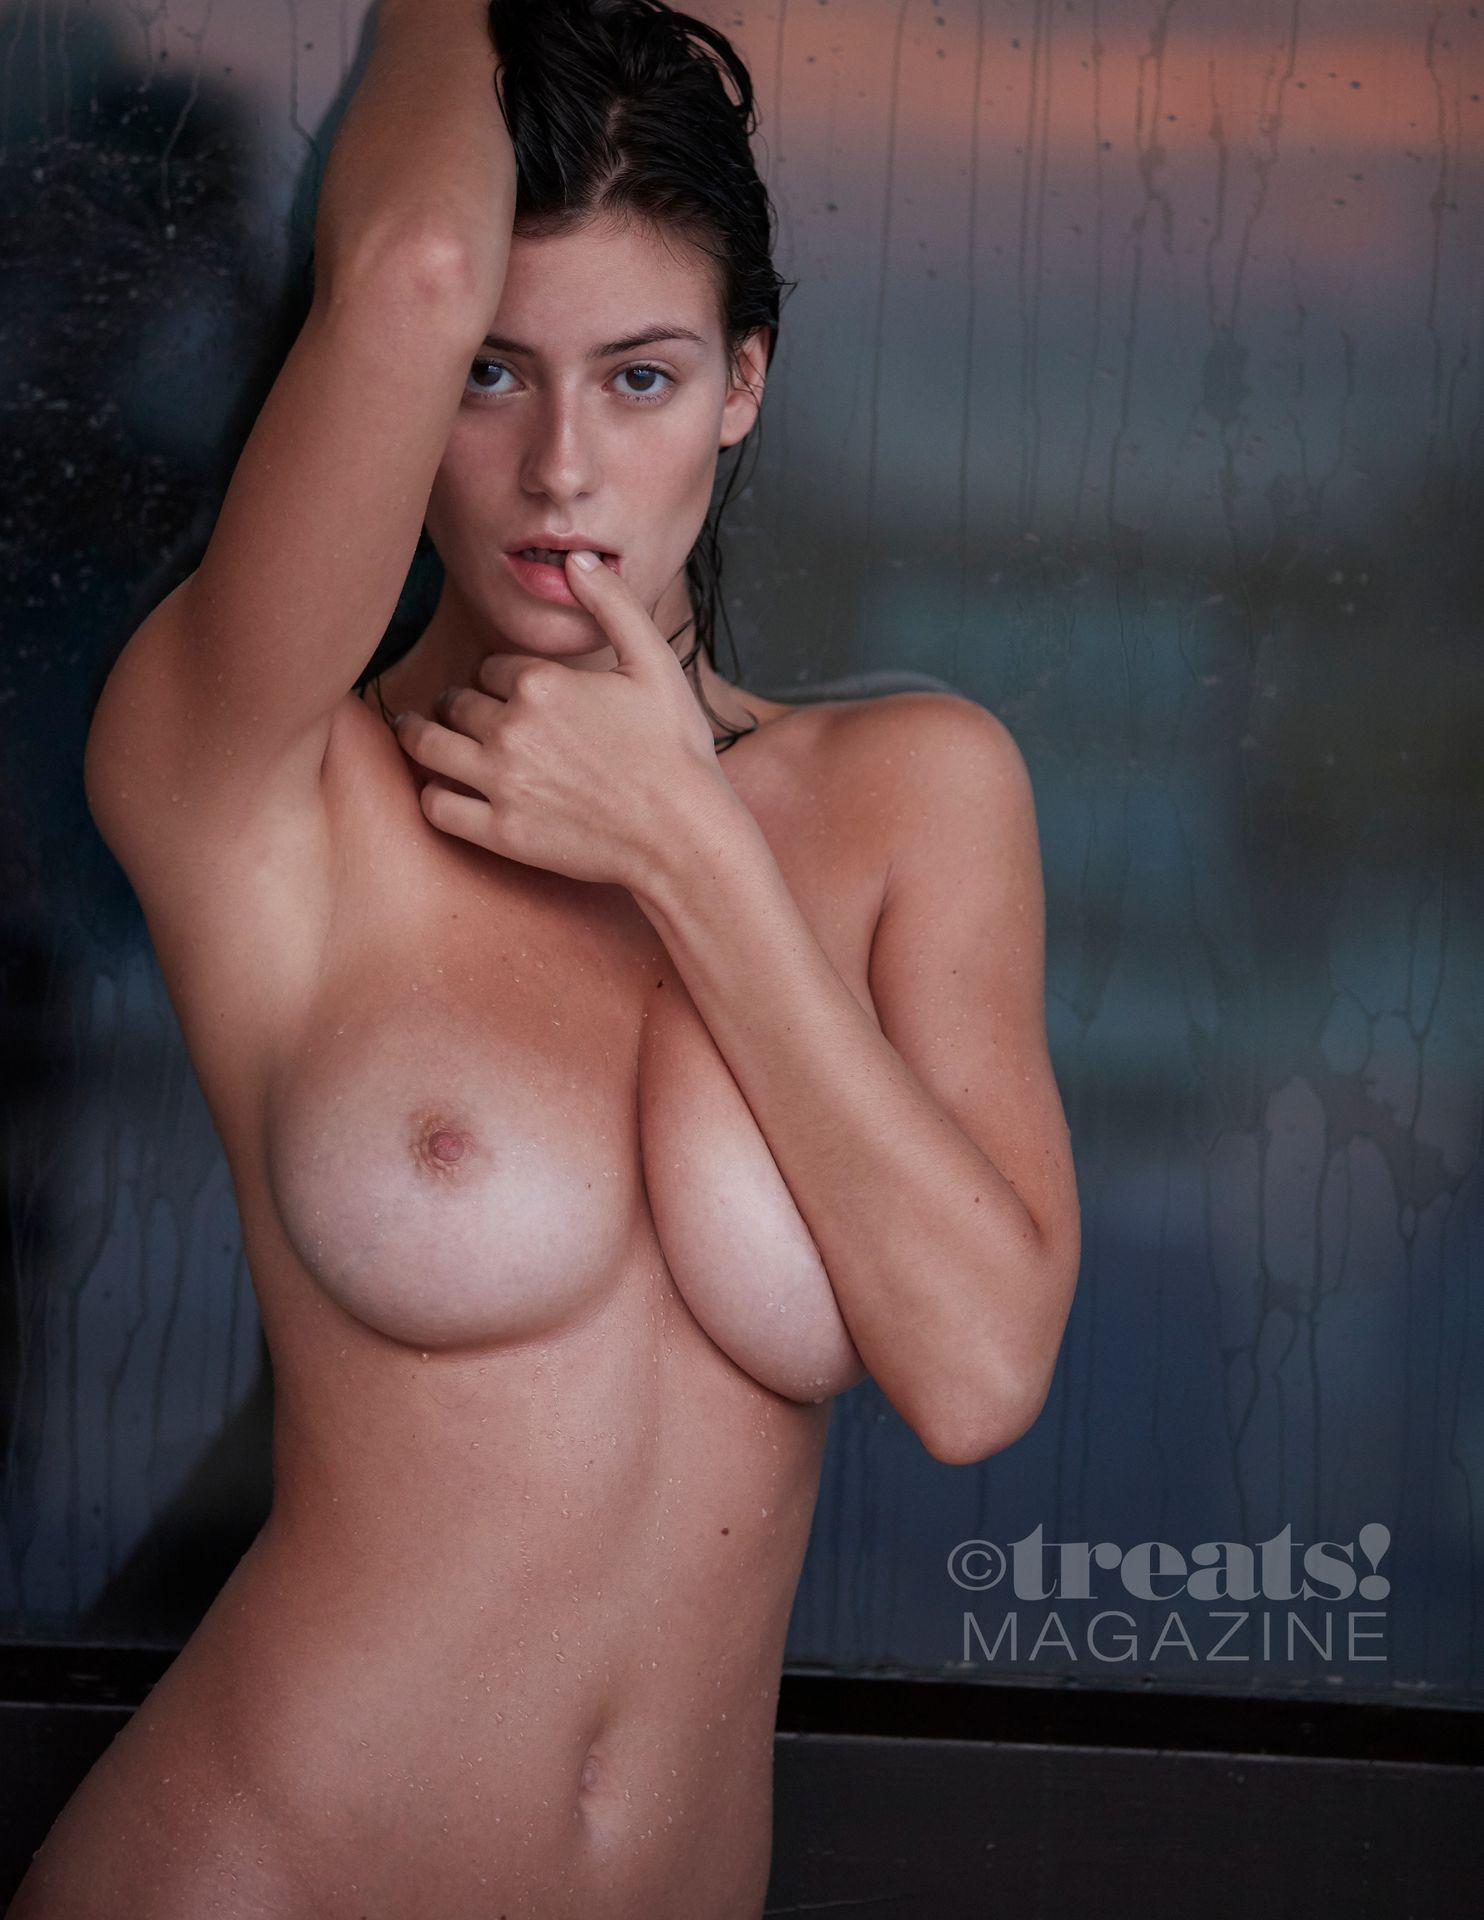 Alejandra-Guilmant-Nude-The-Fappening-Blog-15.jpg